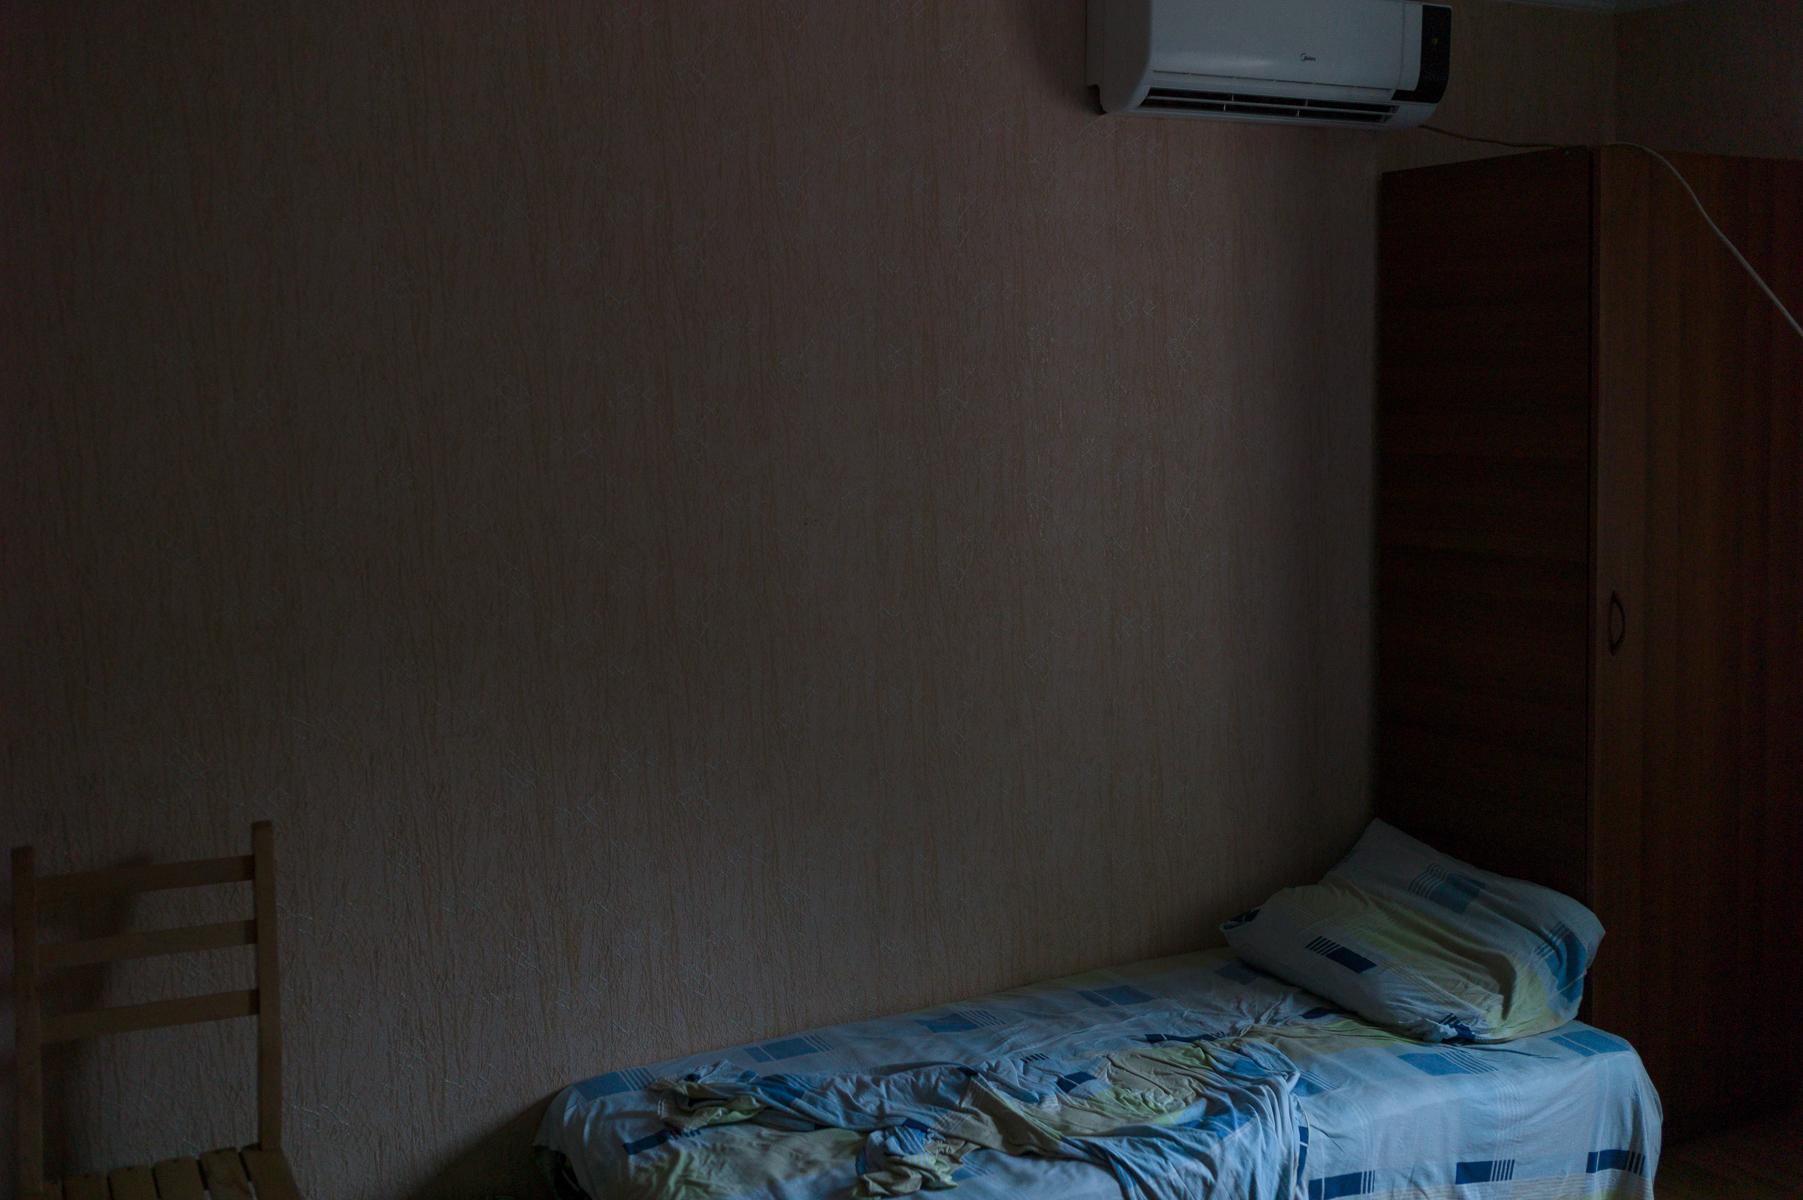 Hotel in Chiatura, July 8 - 10